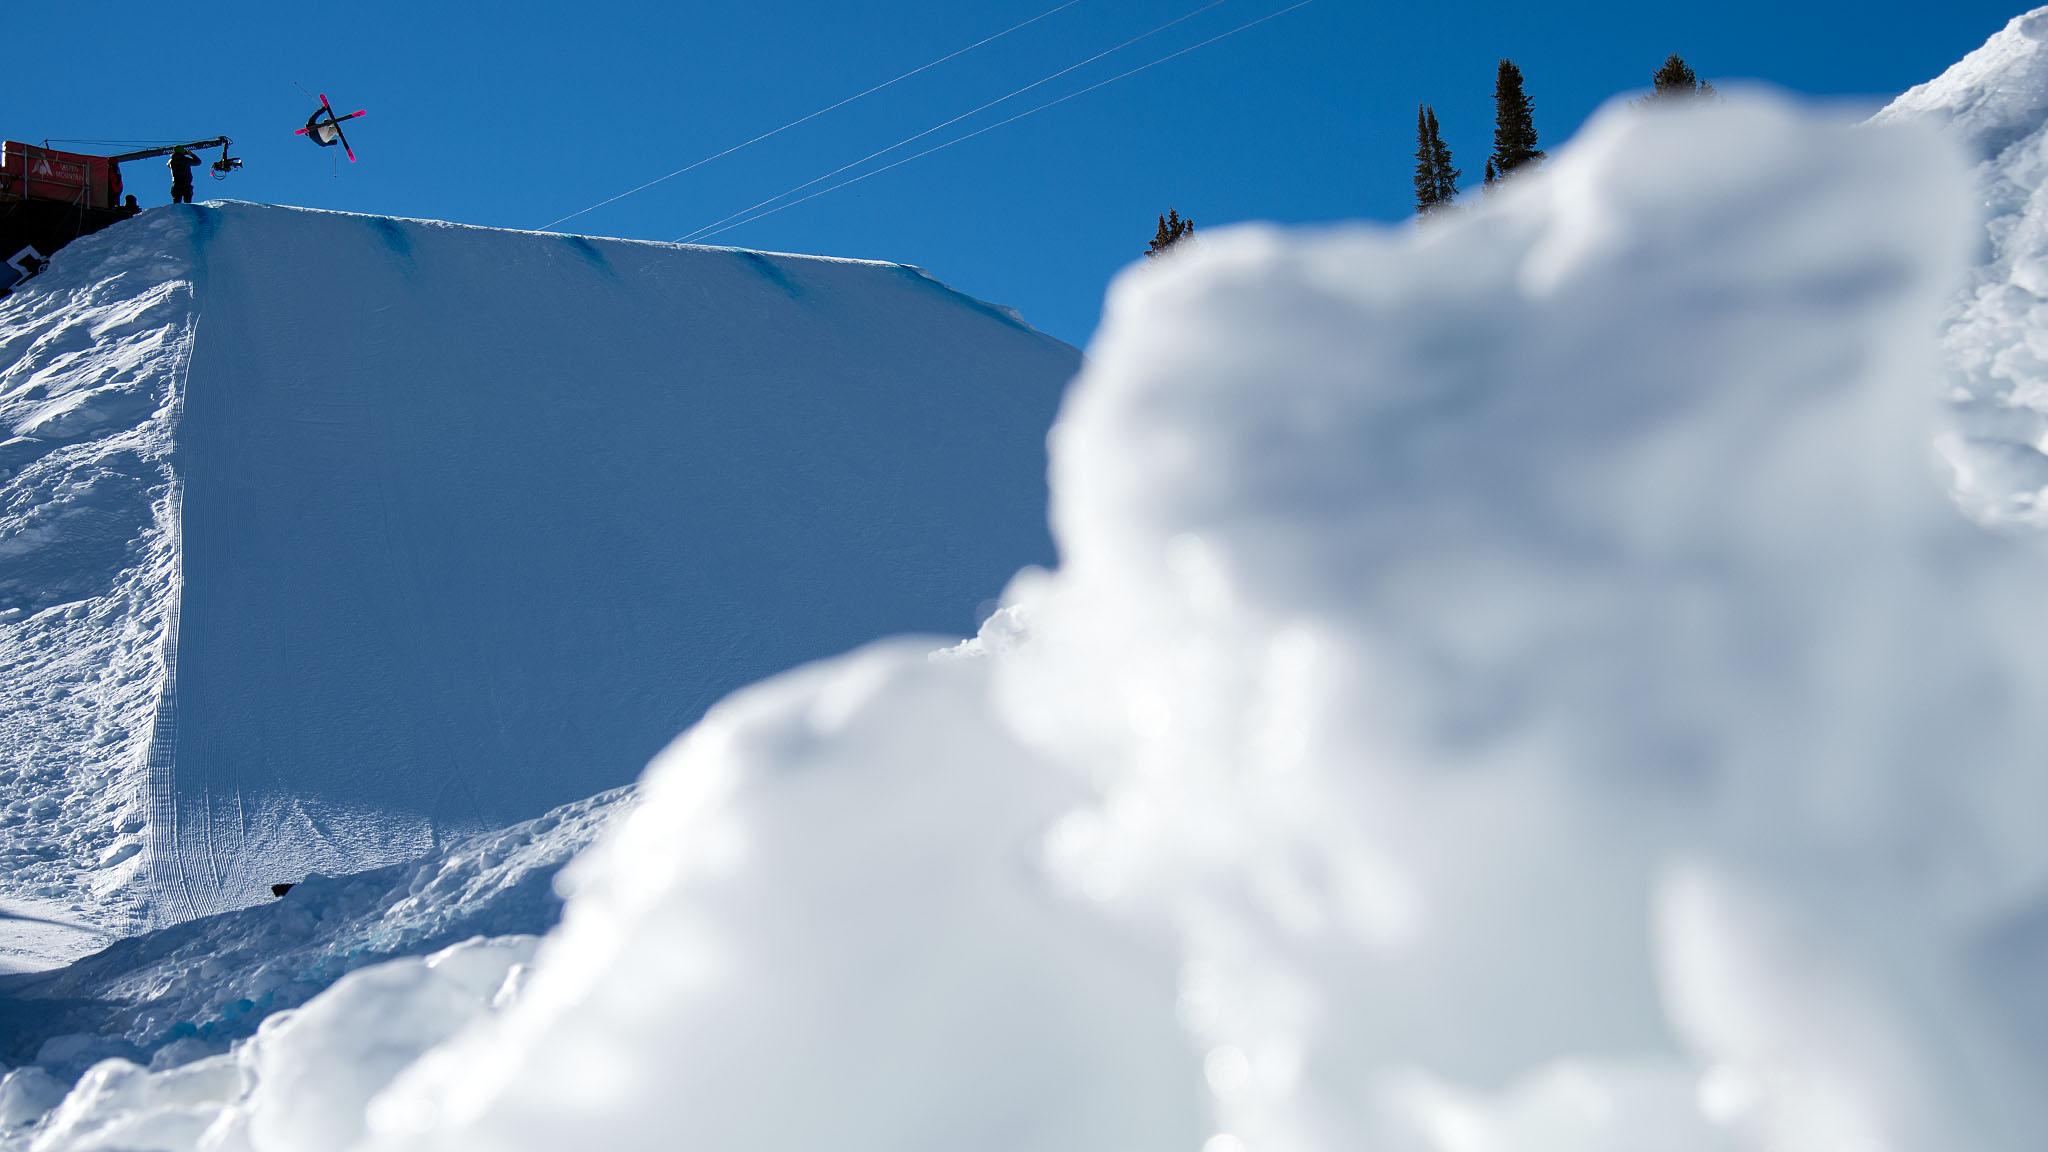 Yuki Tsubota, Ski Slopestyle